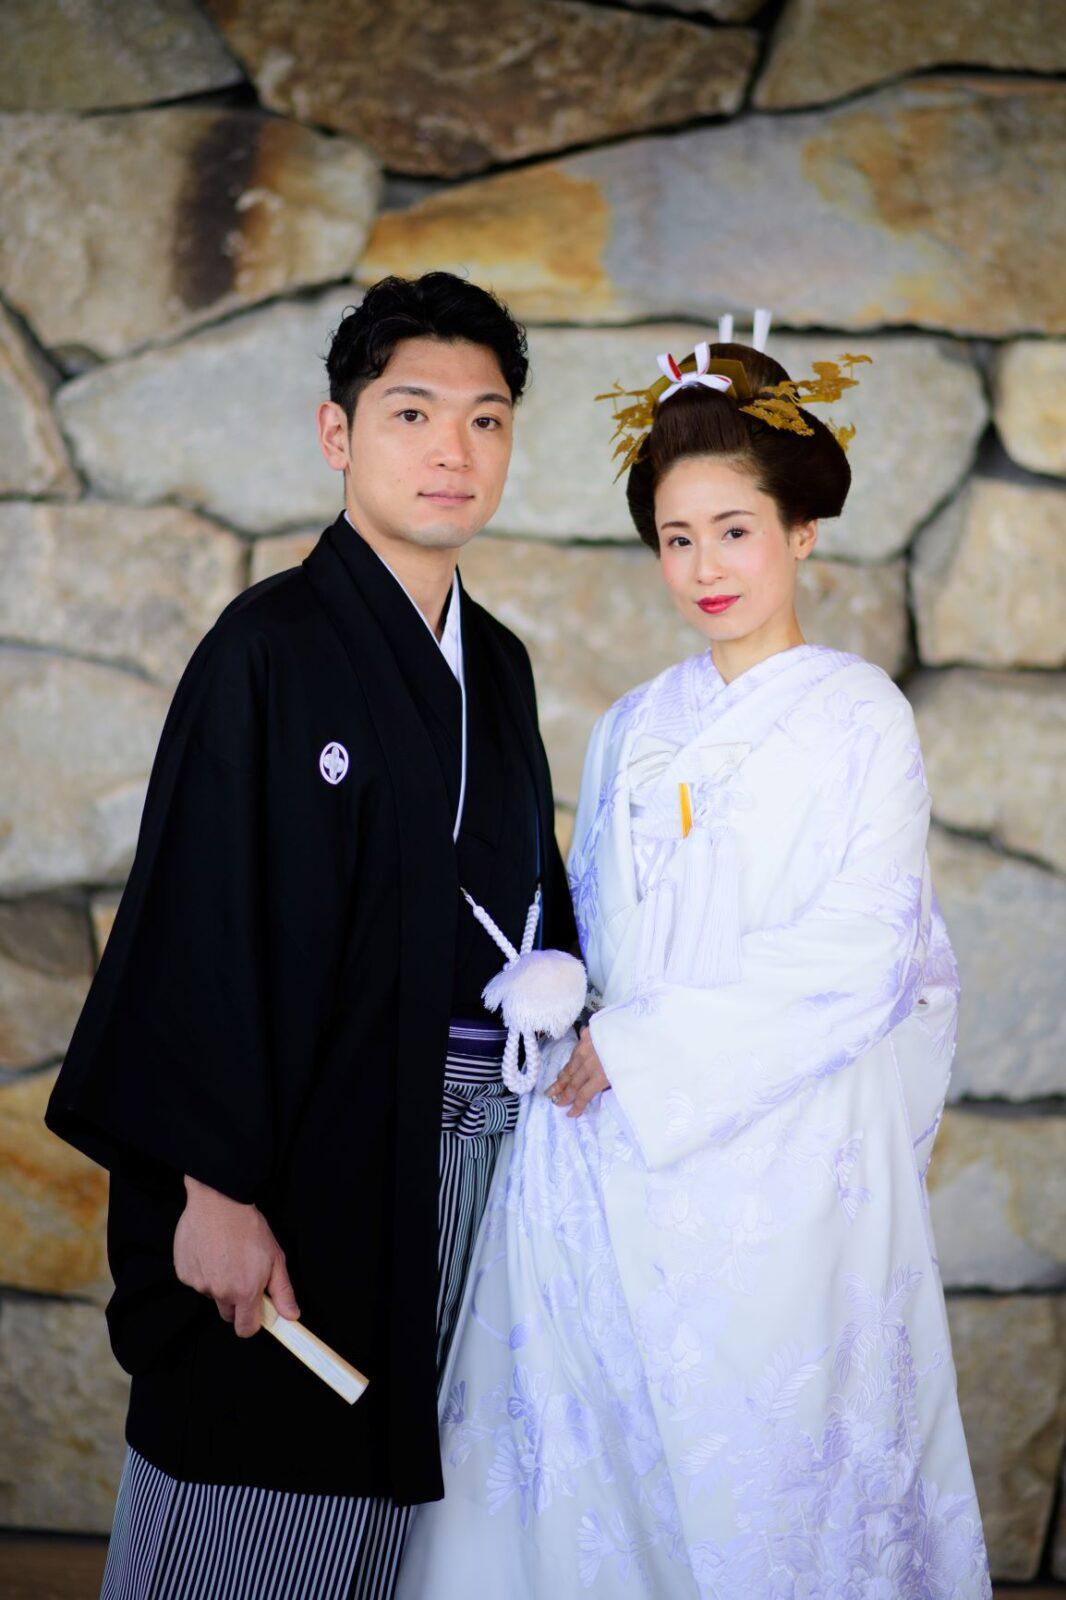 都内の人気ドレスショップ、ザトリートドレッシング アディション店では、パレスホテル東京の上質で洗練された結婚式に相応しい白無垢や色打掛などの婚礼和装も豊富に取り扱っております